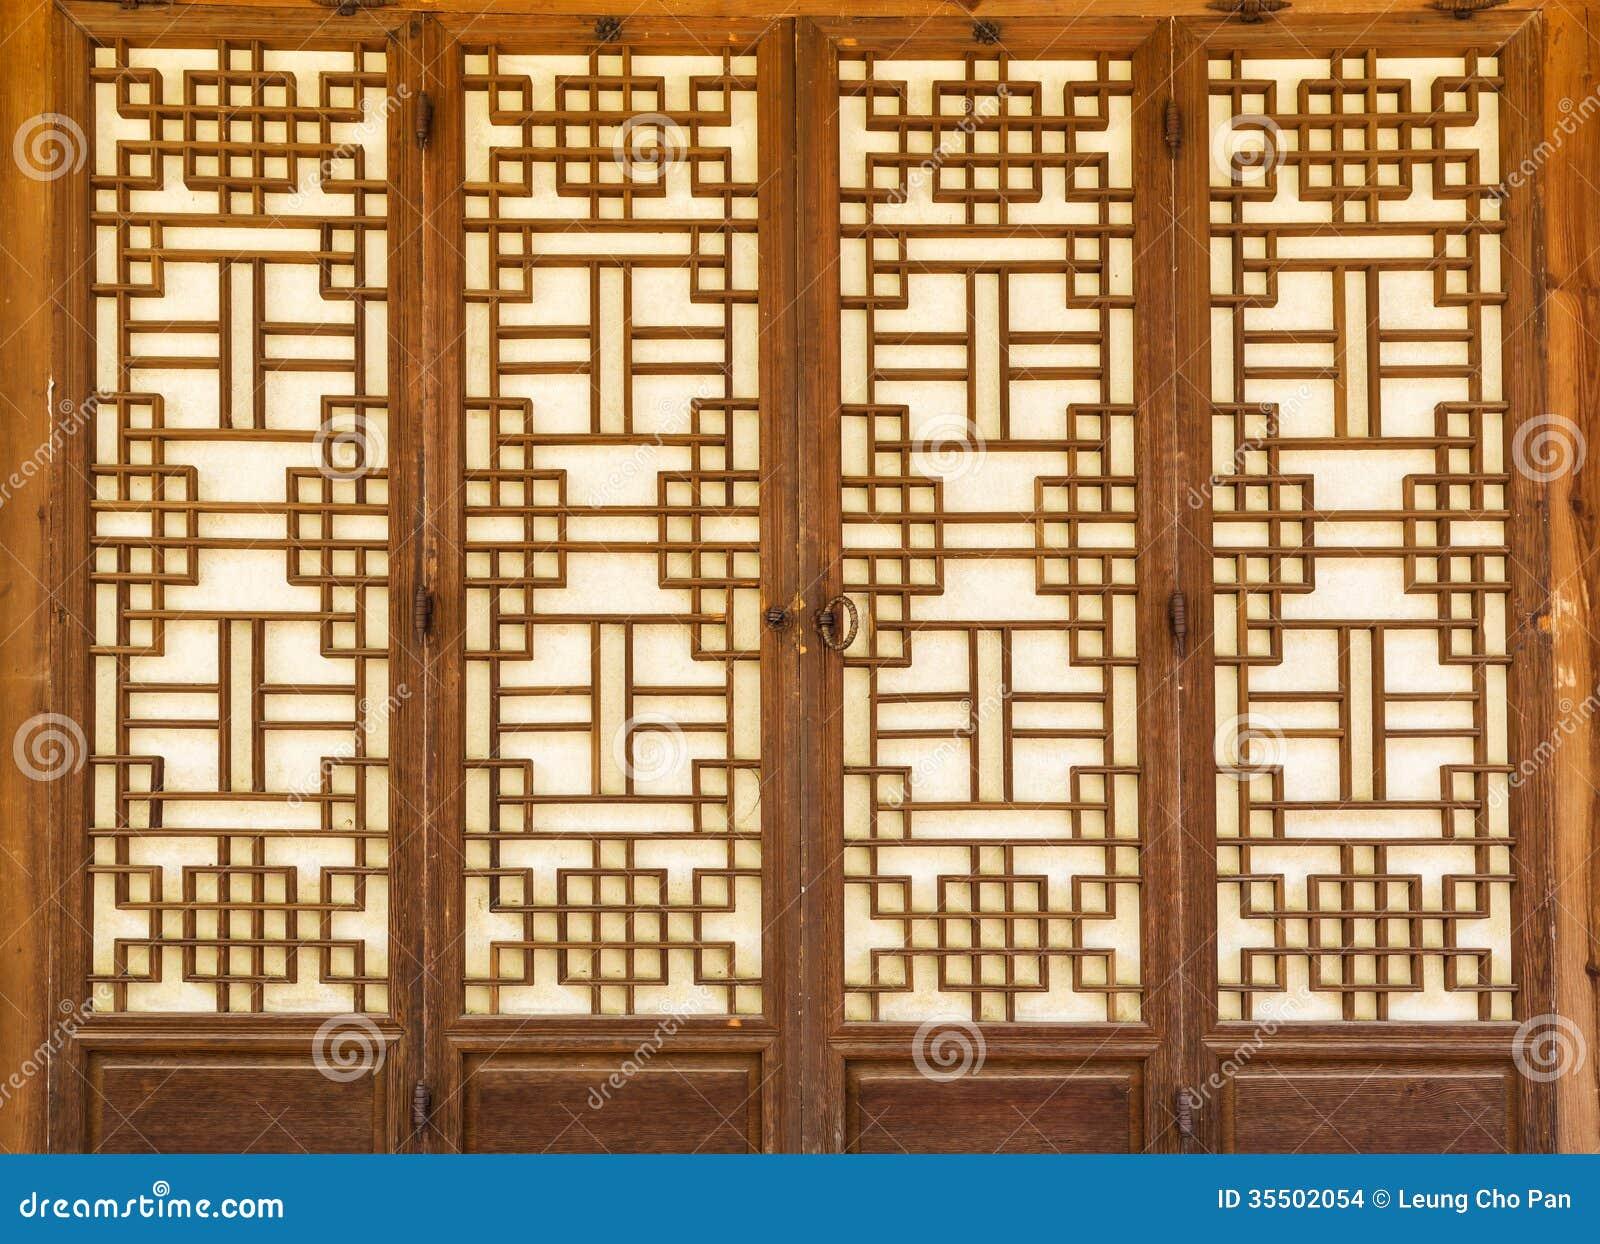 Wooden Door Stock Images - Image: 35502054